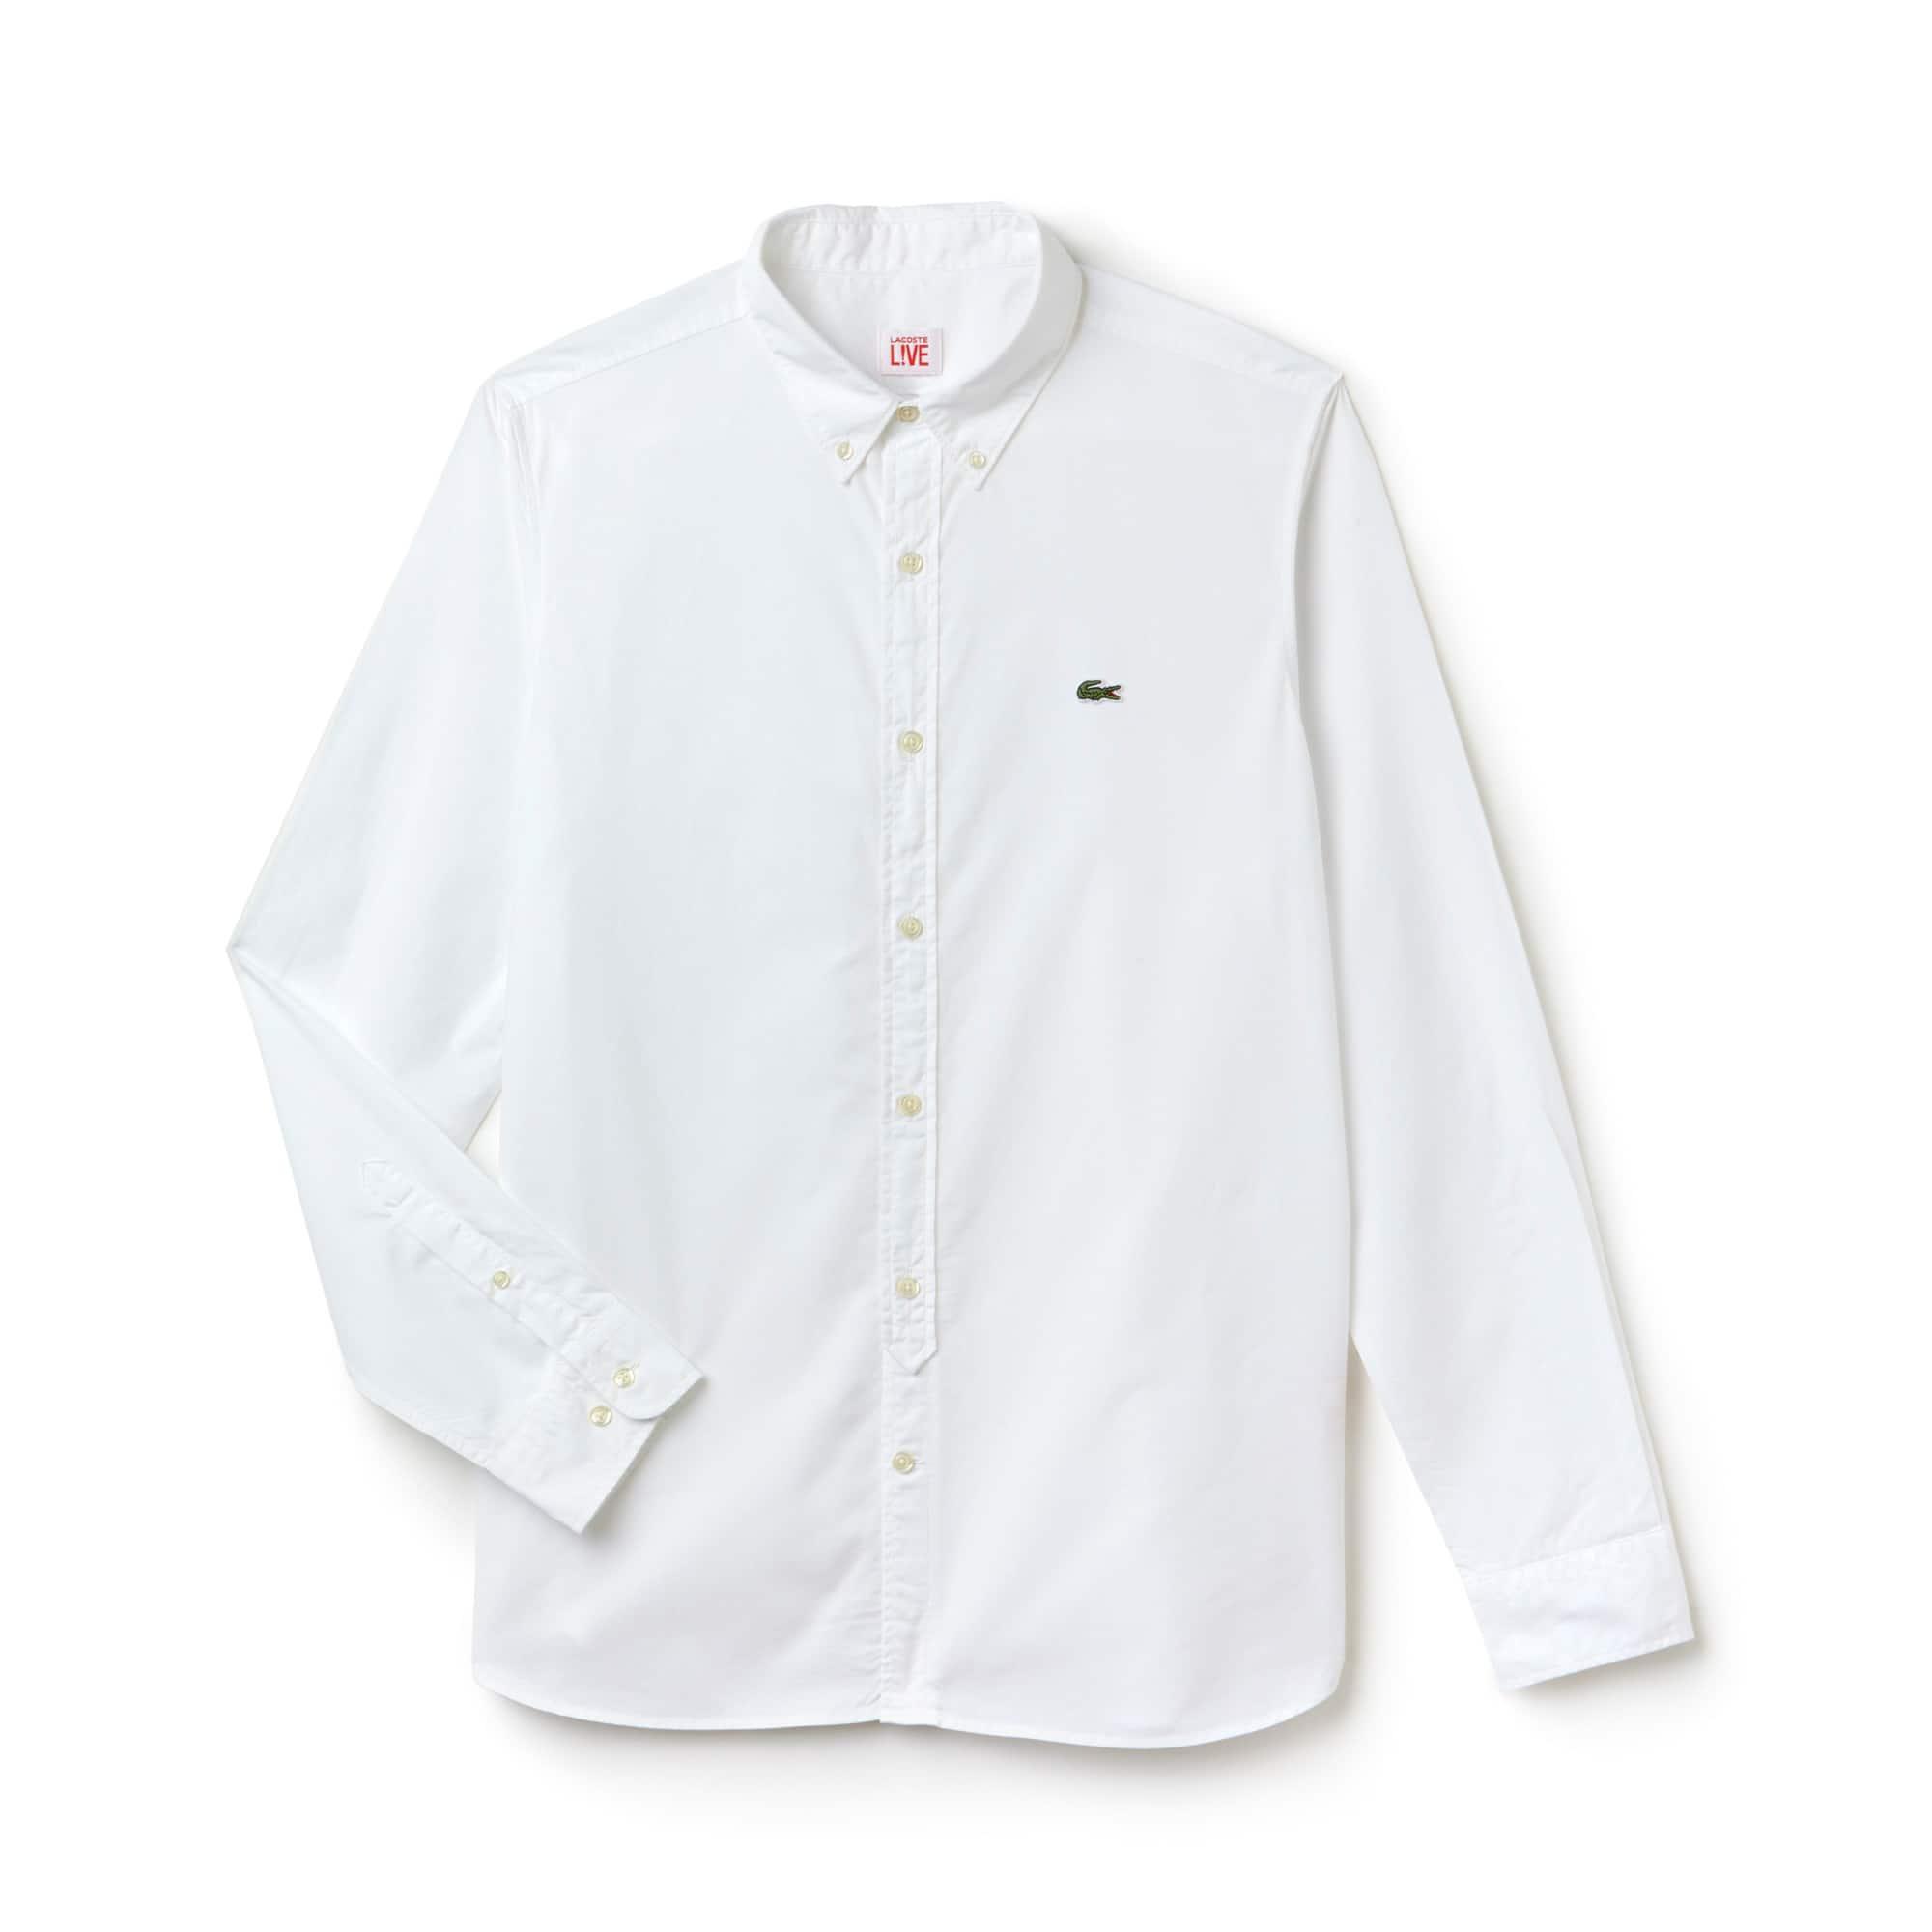 shirts for men men 39 s fashion lacoste. Black Bedroom Furniture Sets. Home Design Ideas